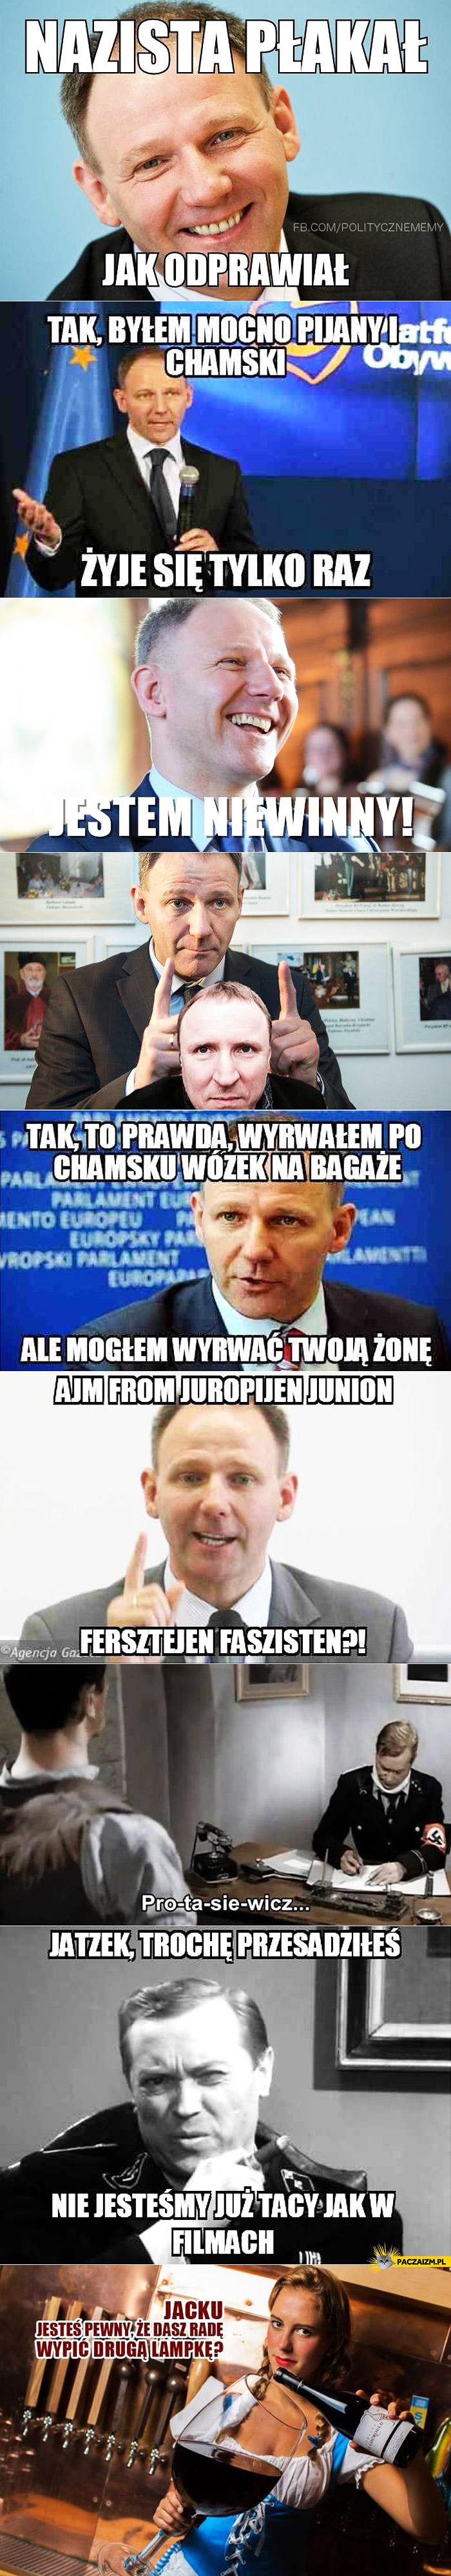 Memy Protasiewicz